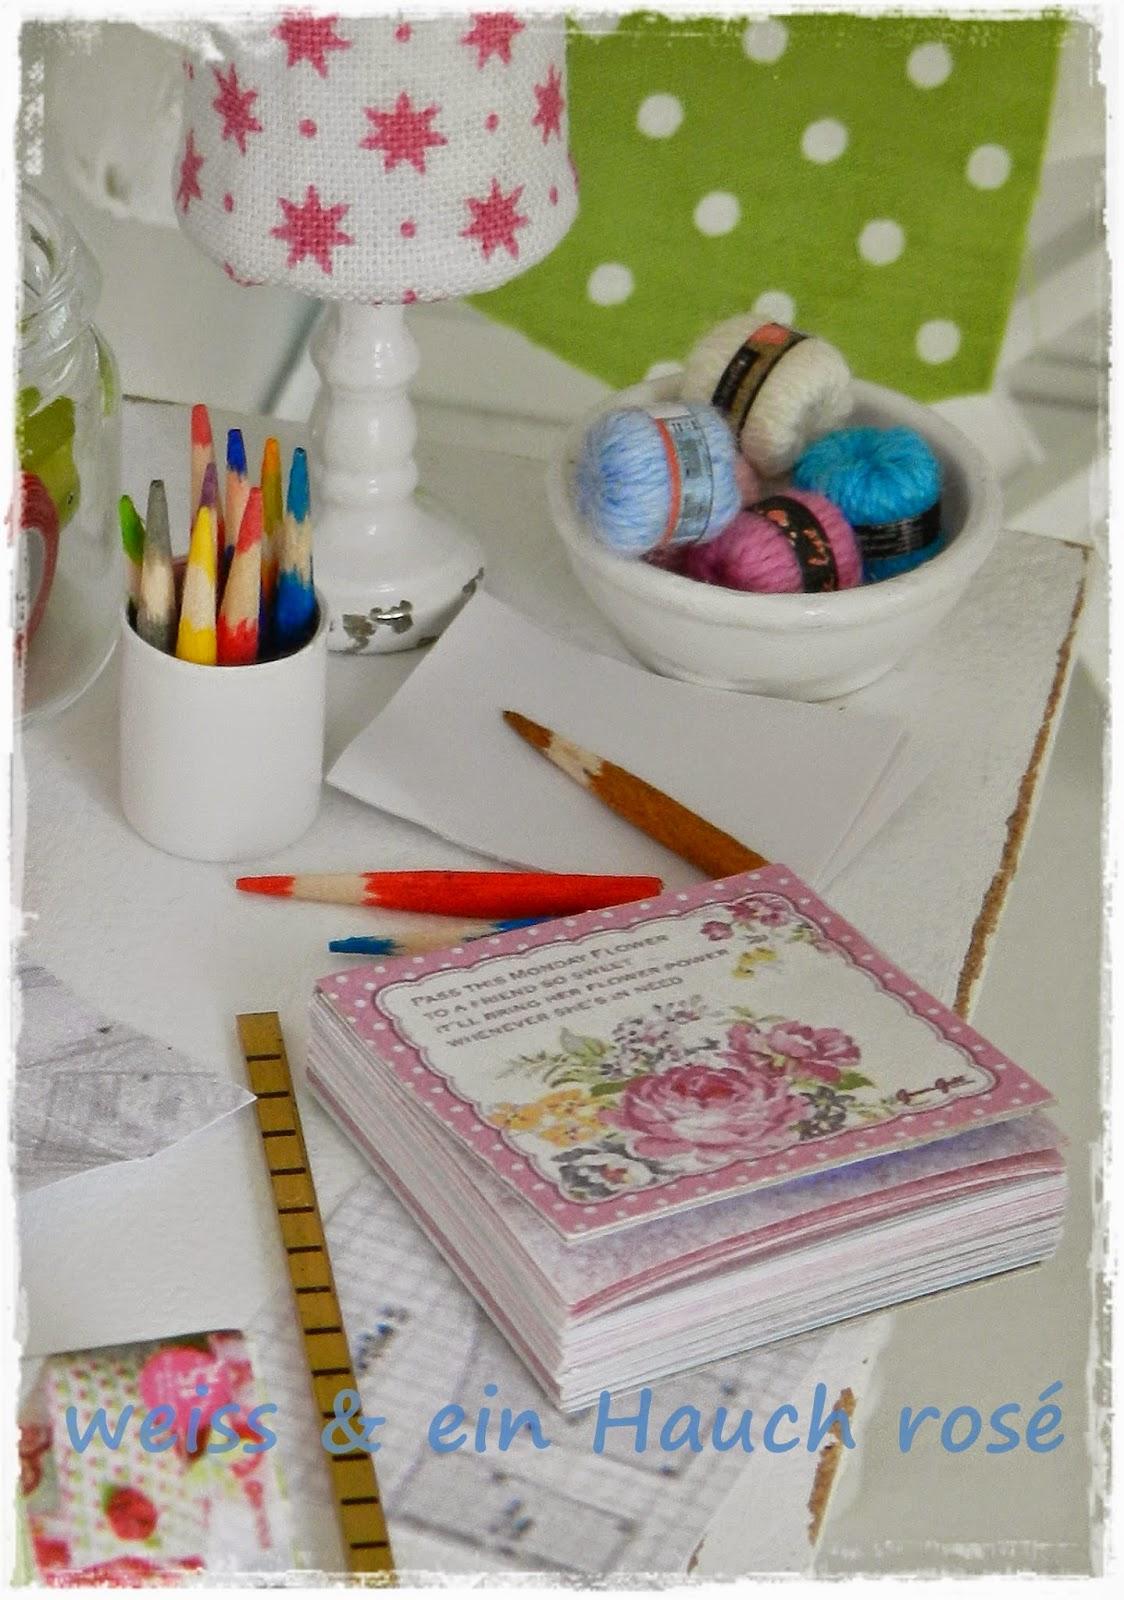 weiß & ein Hauch rosé: Kreativ im Puppenhaus...